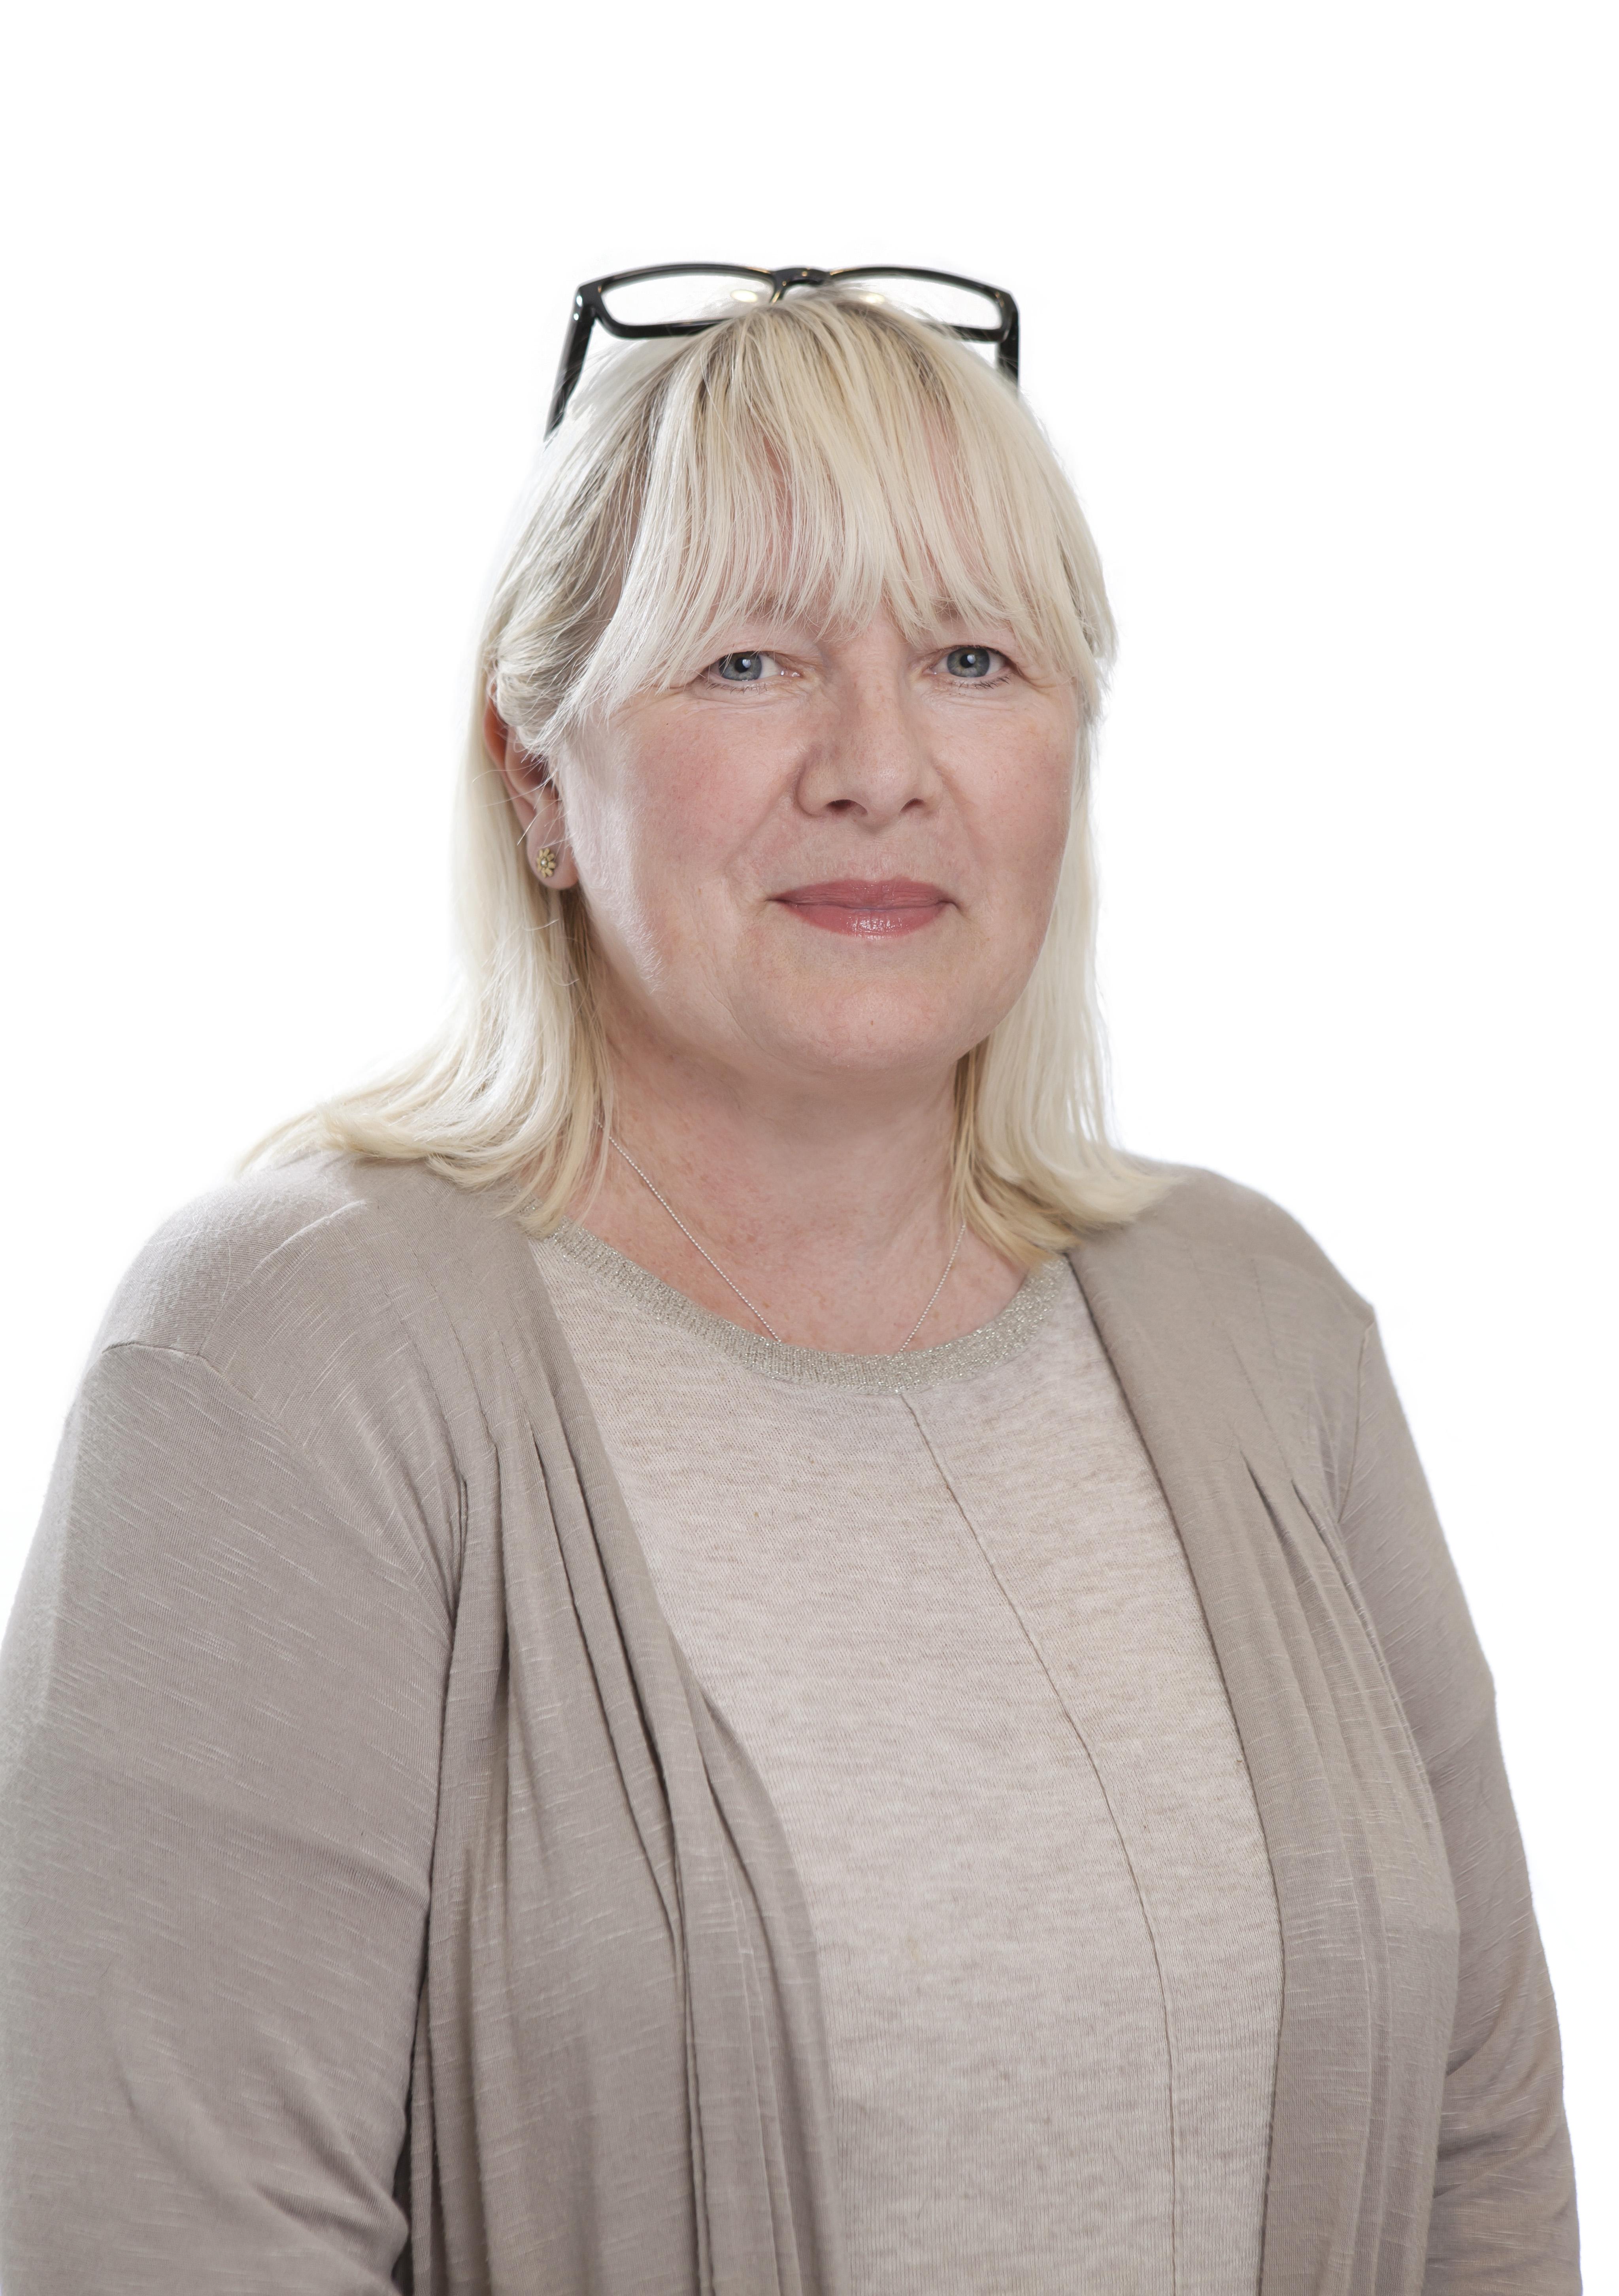 Manager of Poppleton library